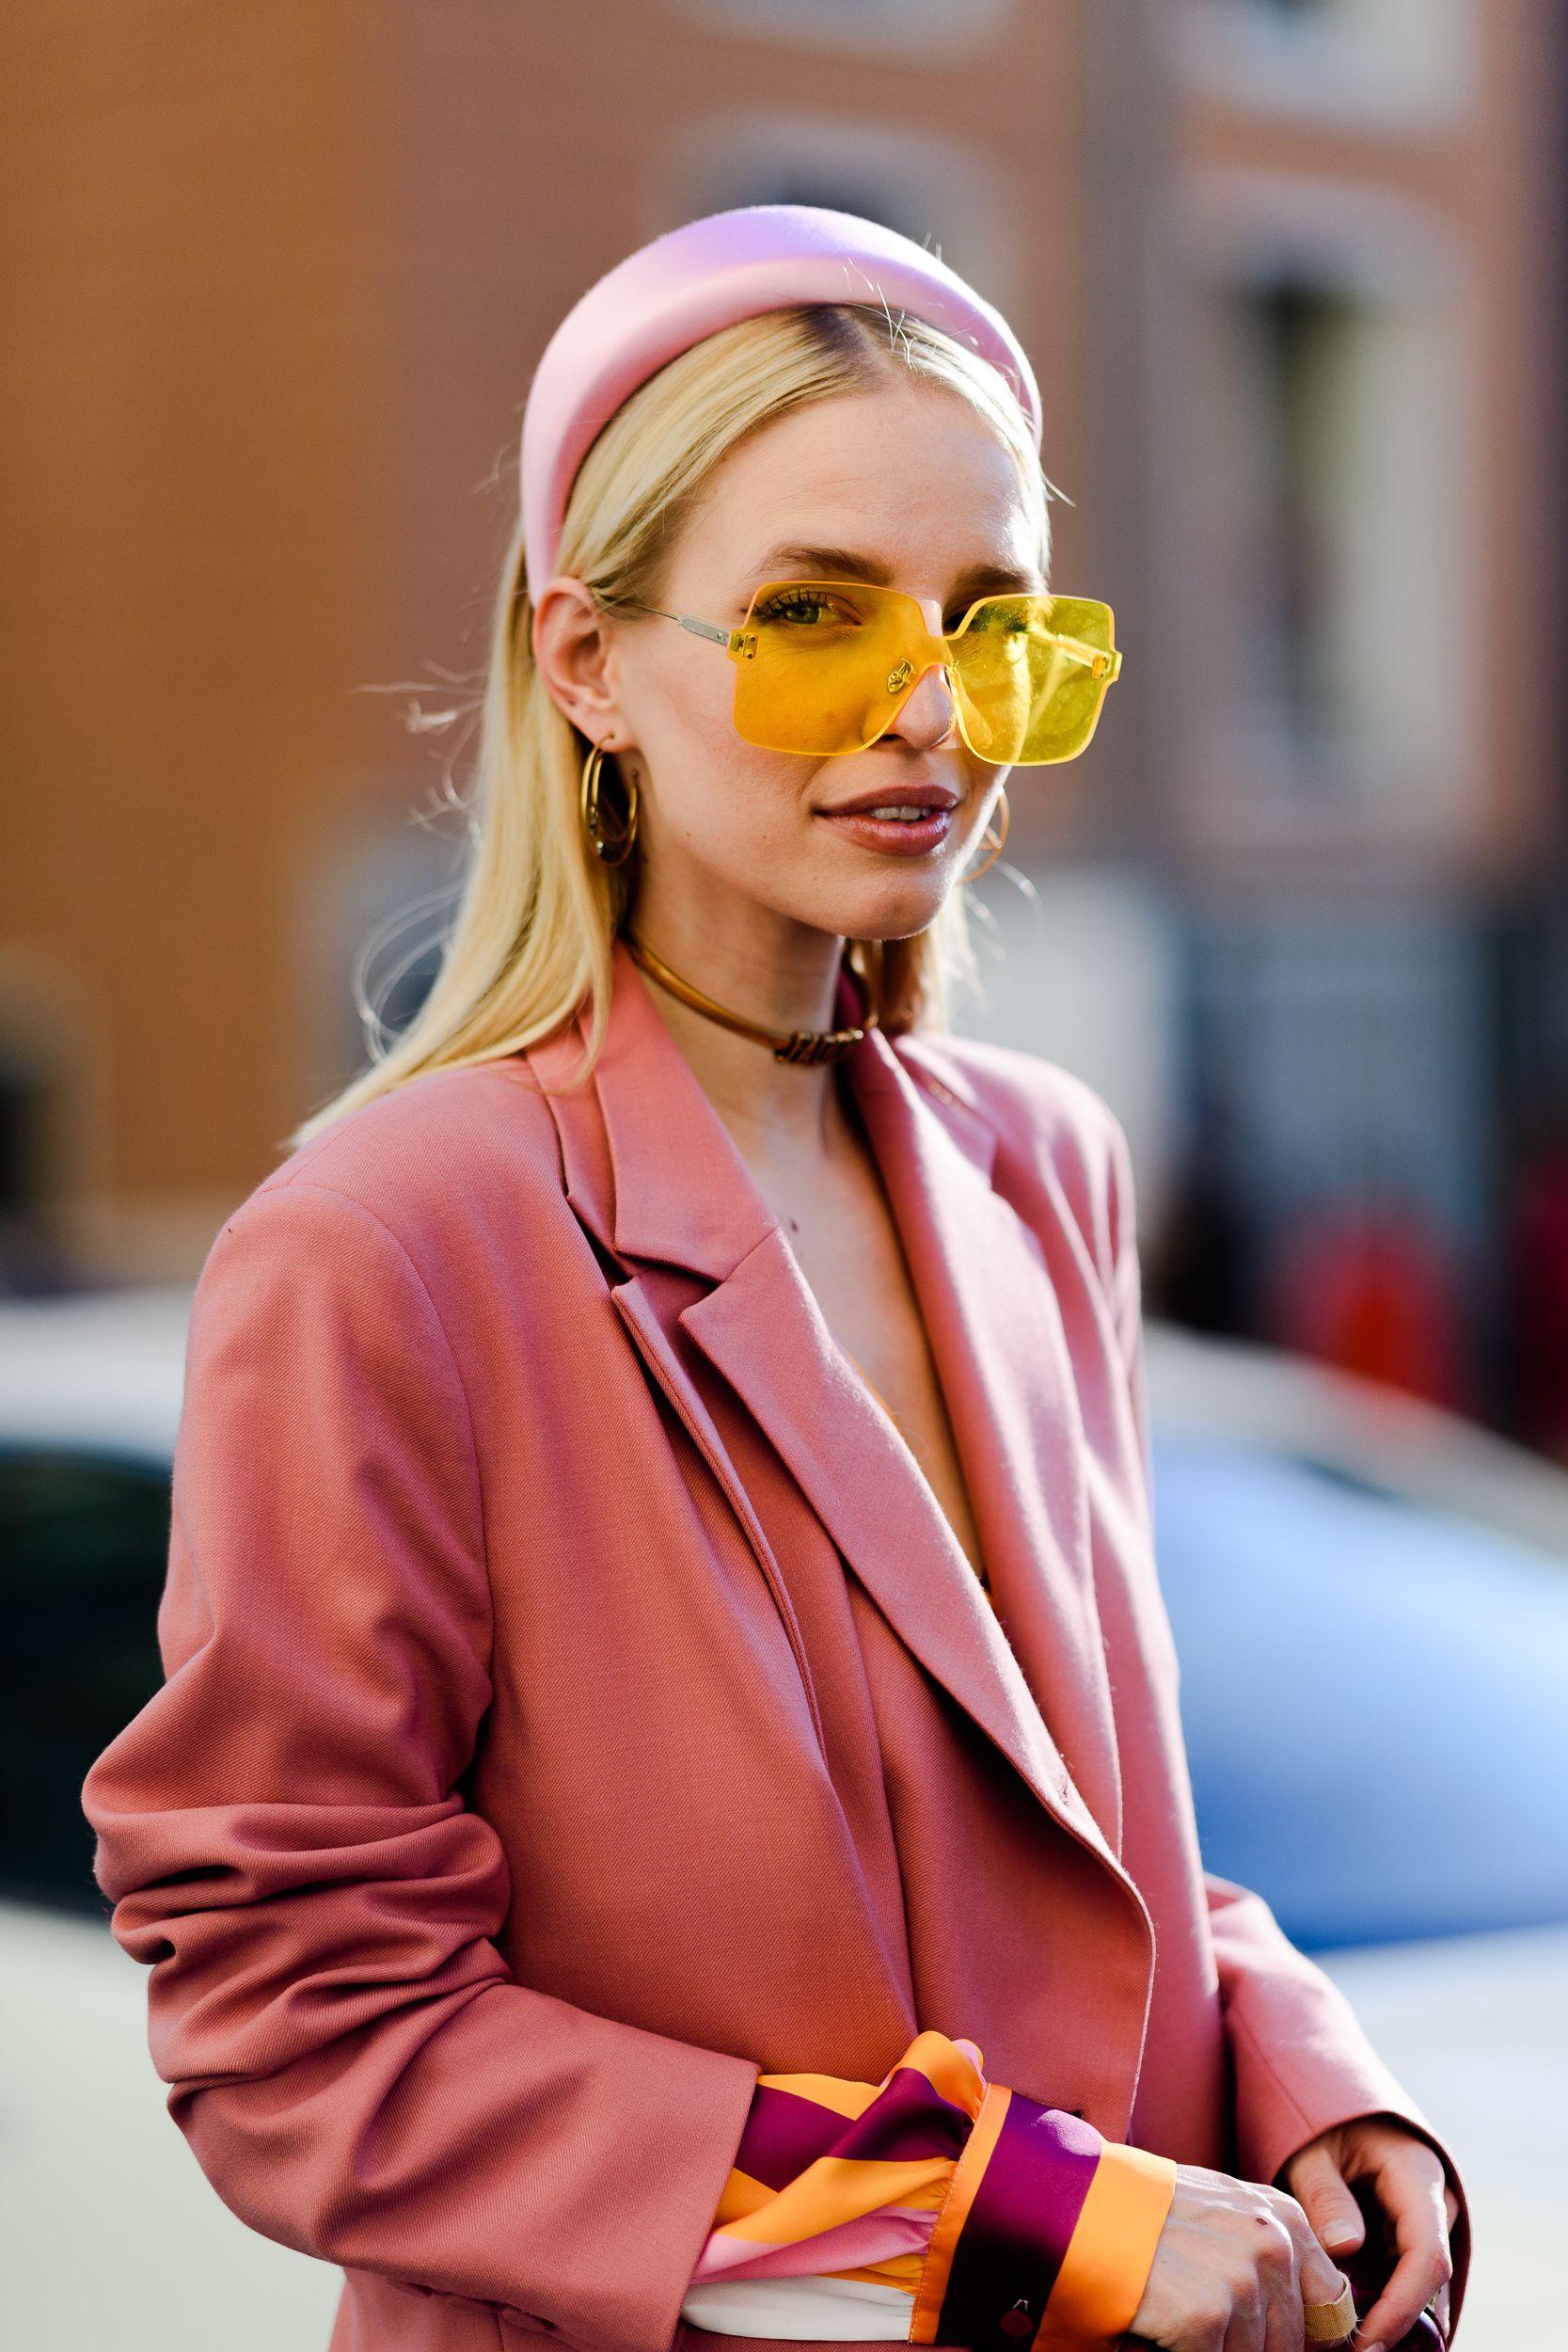 fashionista diện trang phục màu hồng và kính mát mùa Hè màu vàng